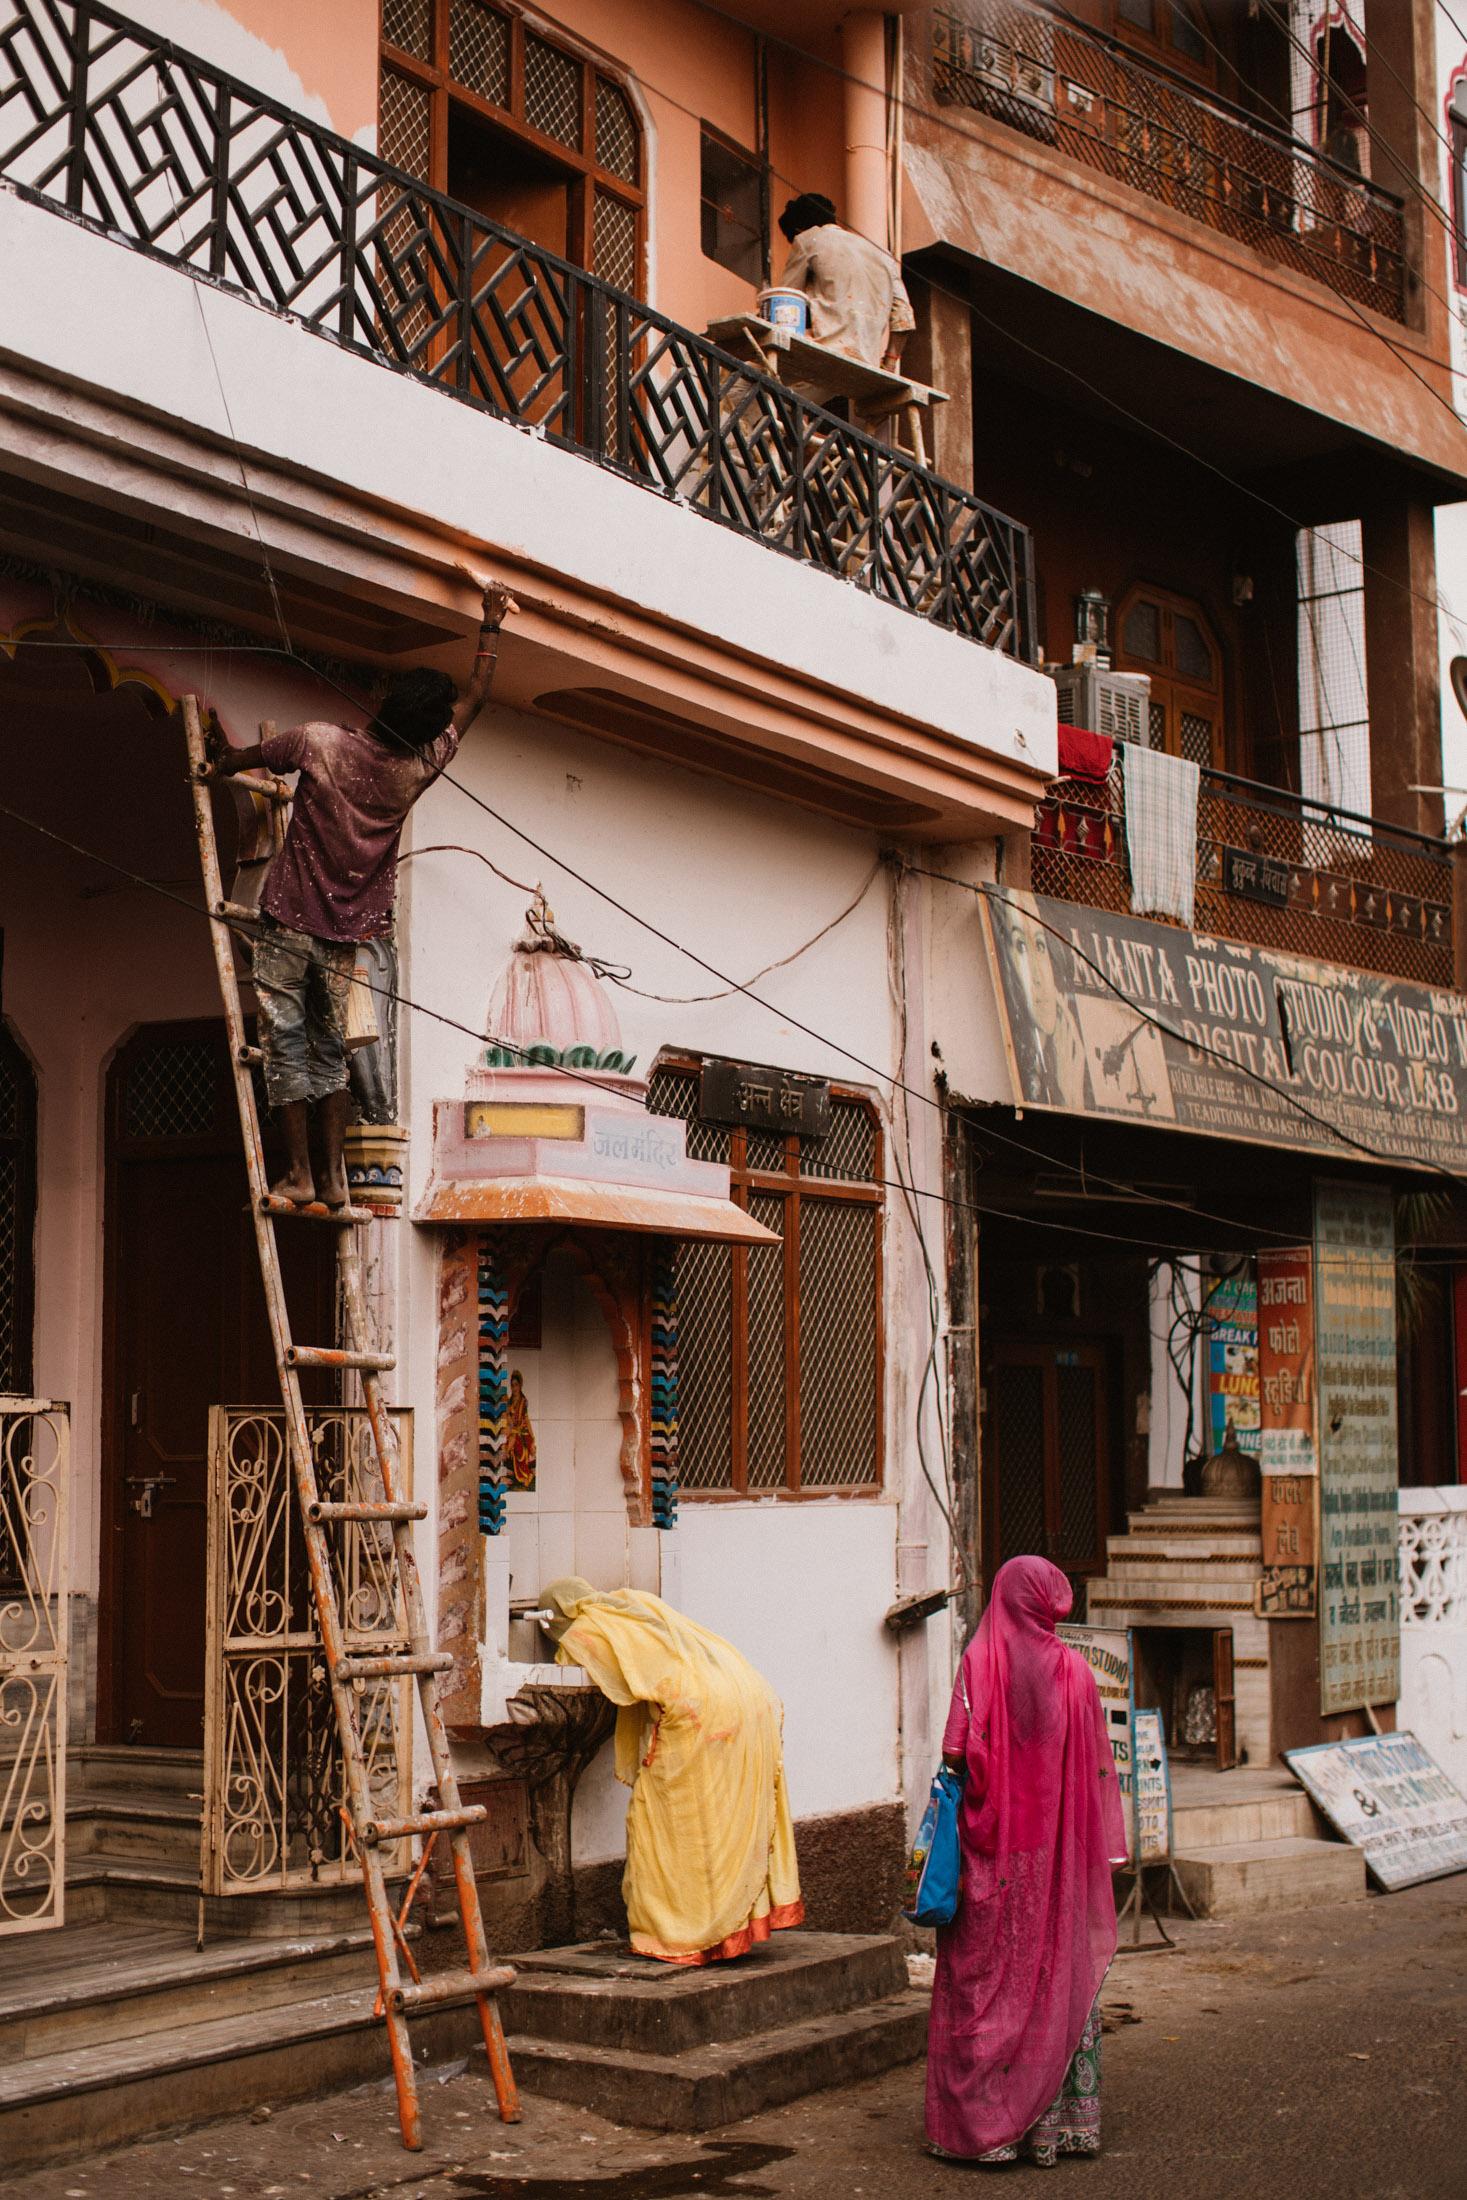 Pushkar Nov 2017-Dean Raphael Photography-20.jpg